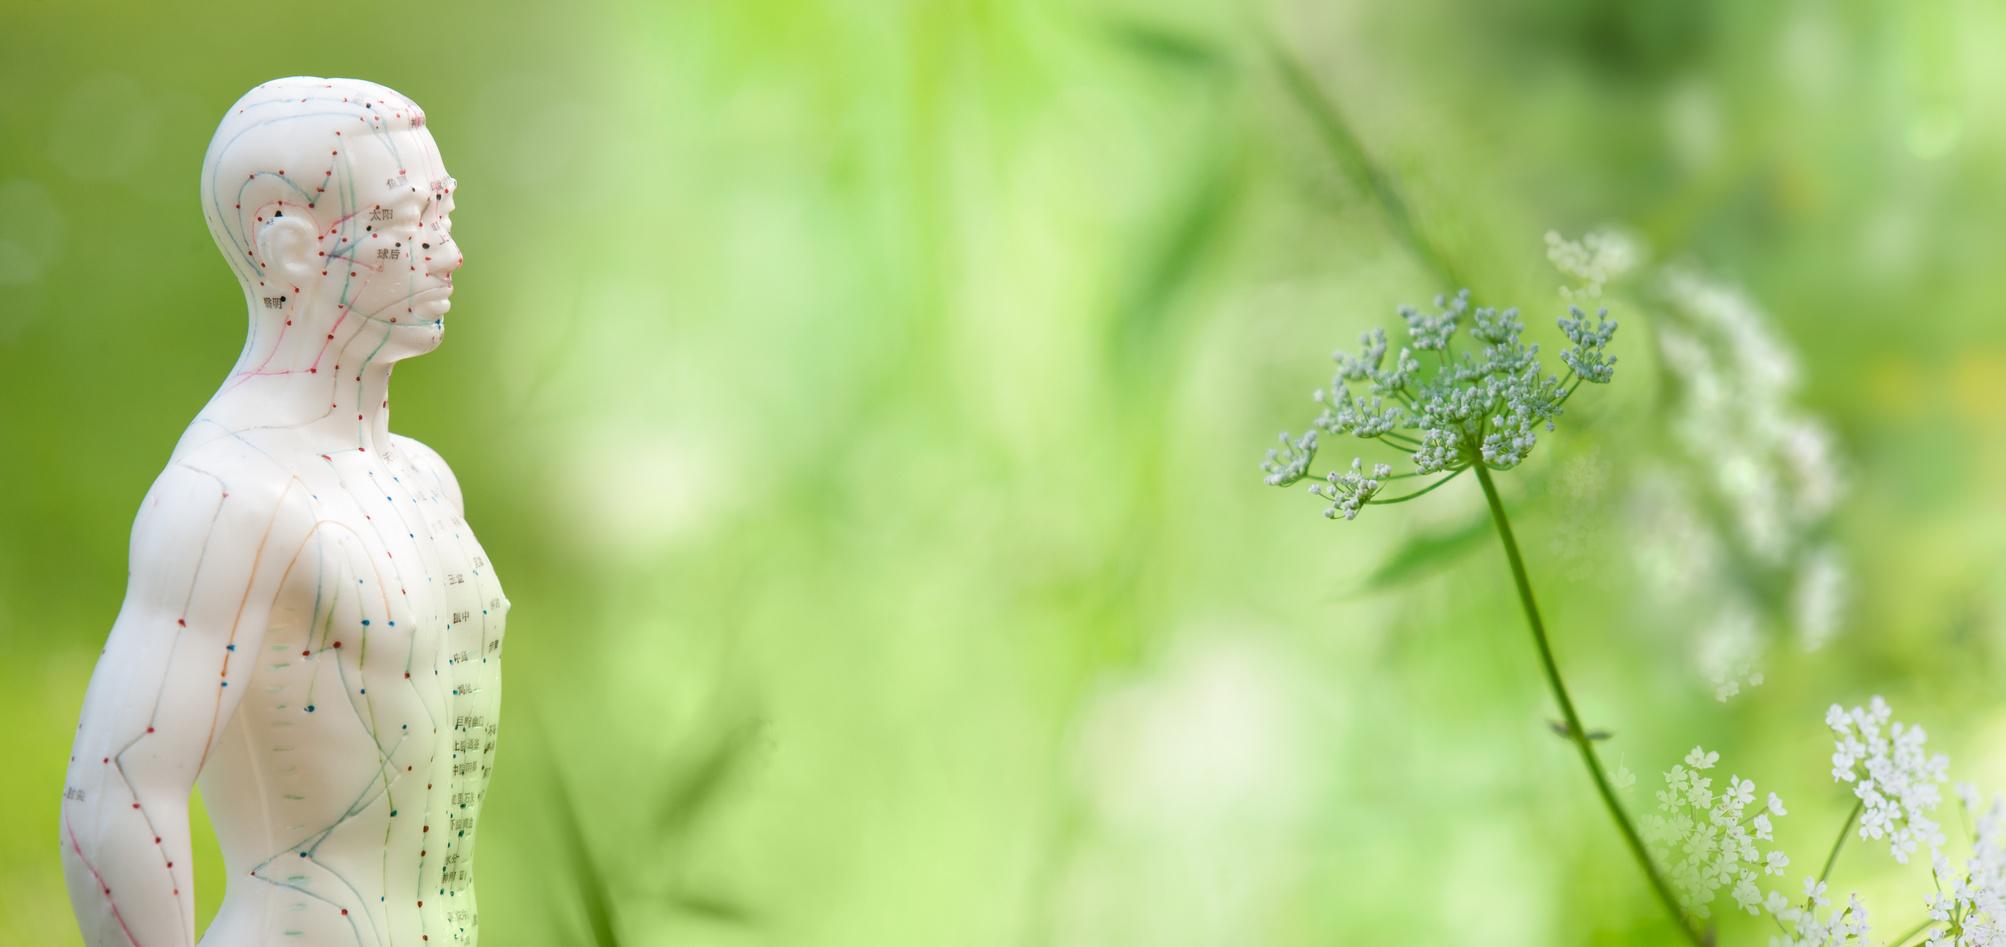 Akupunkturmodell im Grünen - Naturheilkunde